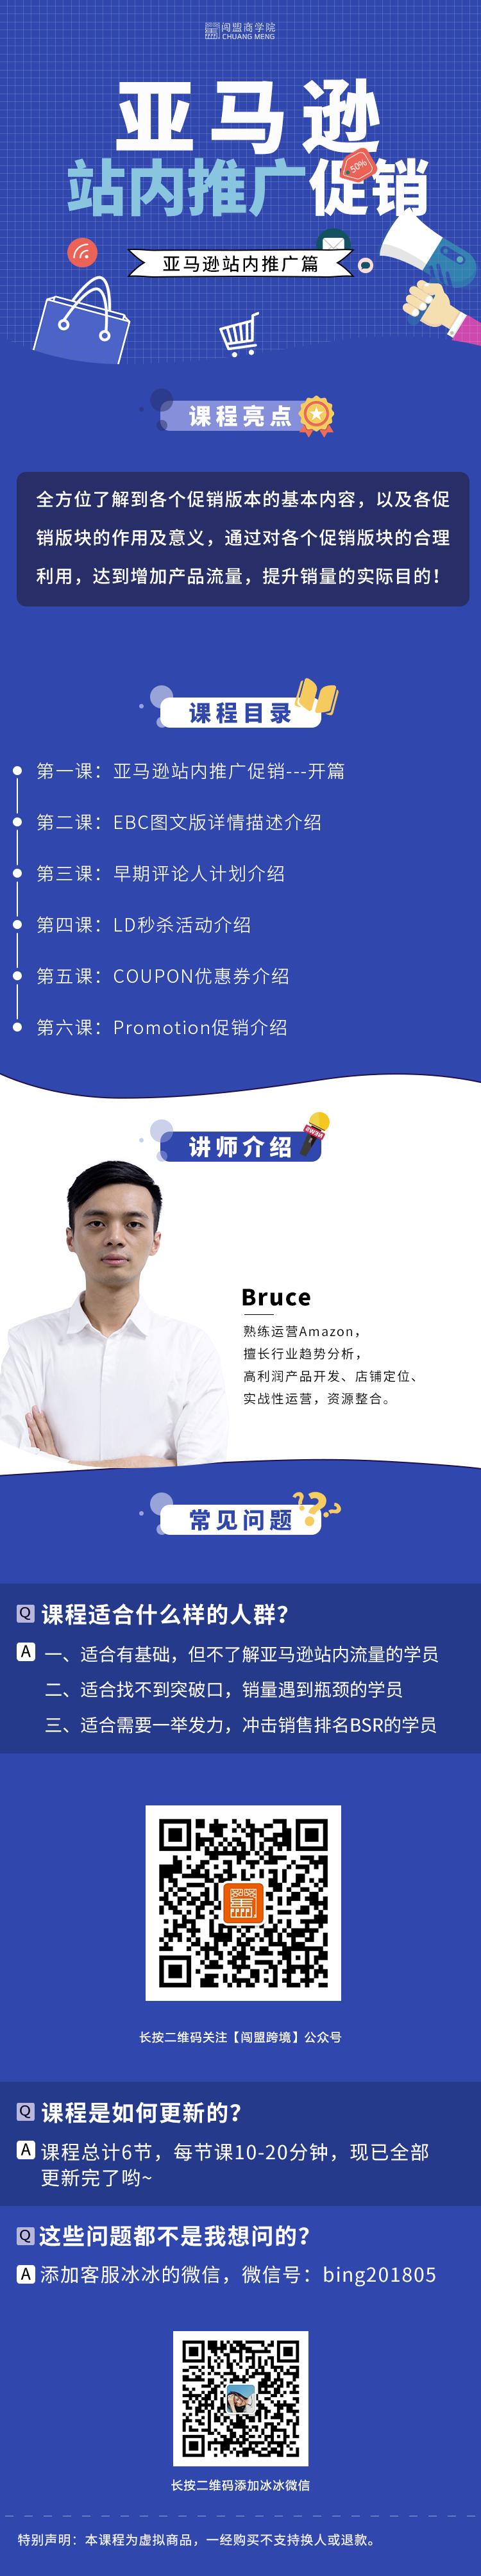 站内推广促销2019.png